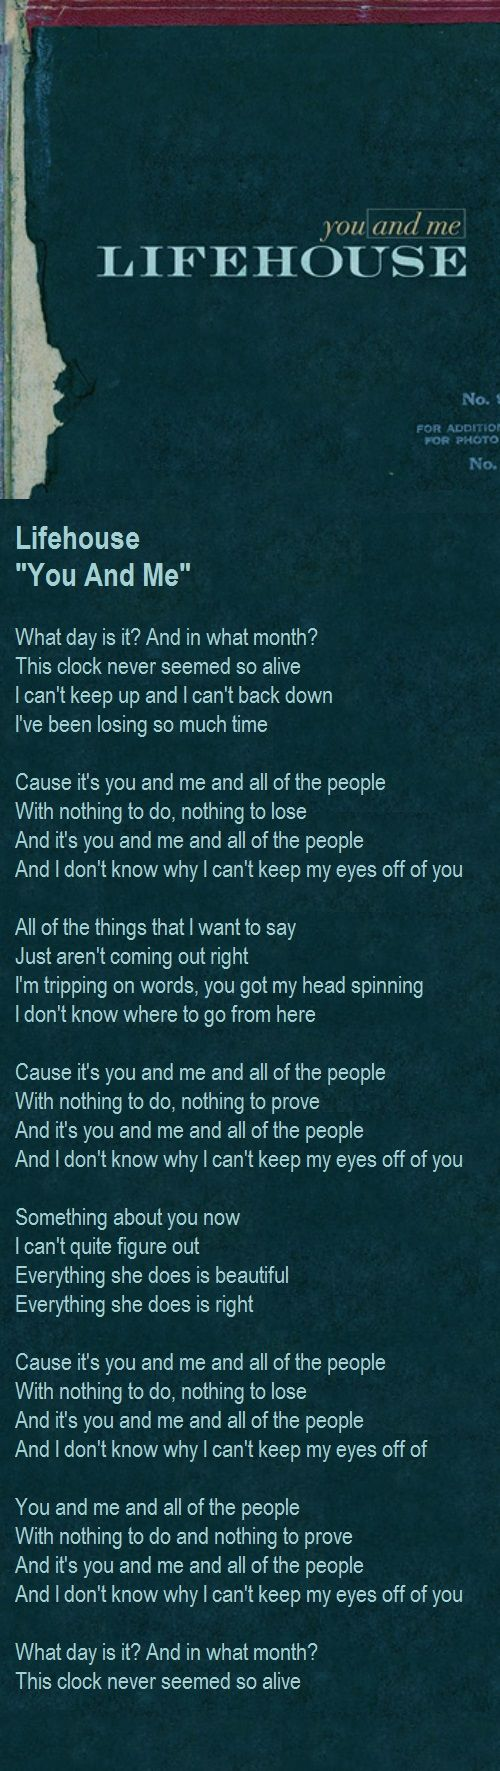 Lifehouse - You And Me   You and me lyrics, Lifehouse lyrics, Music lyrics